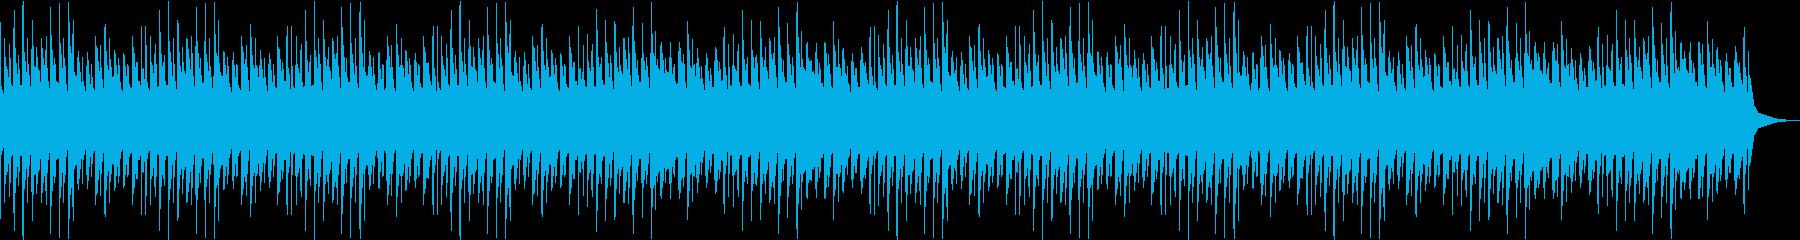 穏やか・ローファイチルアウトヒップホップの再生済みの波形